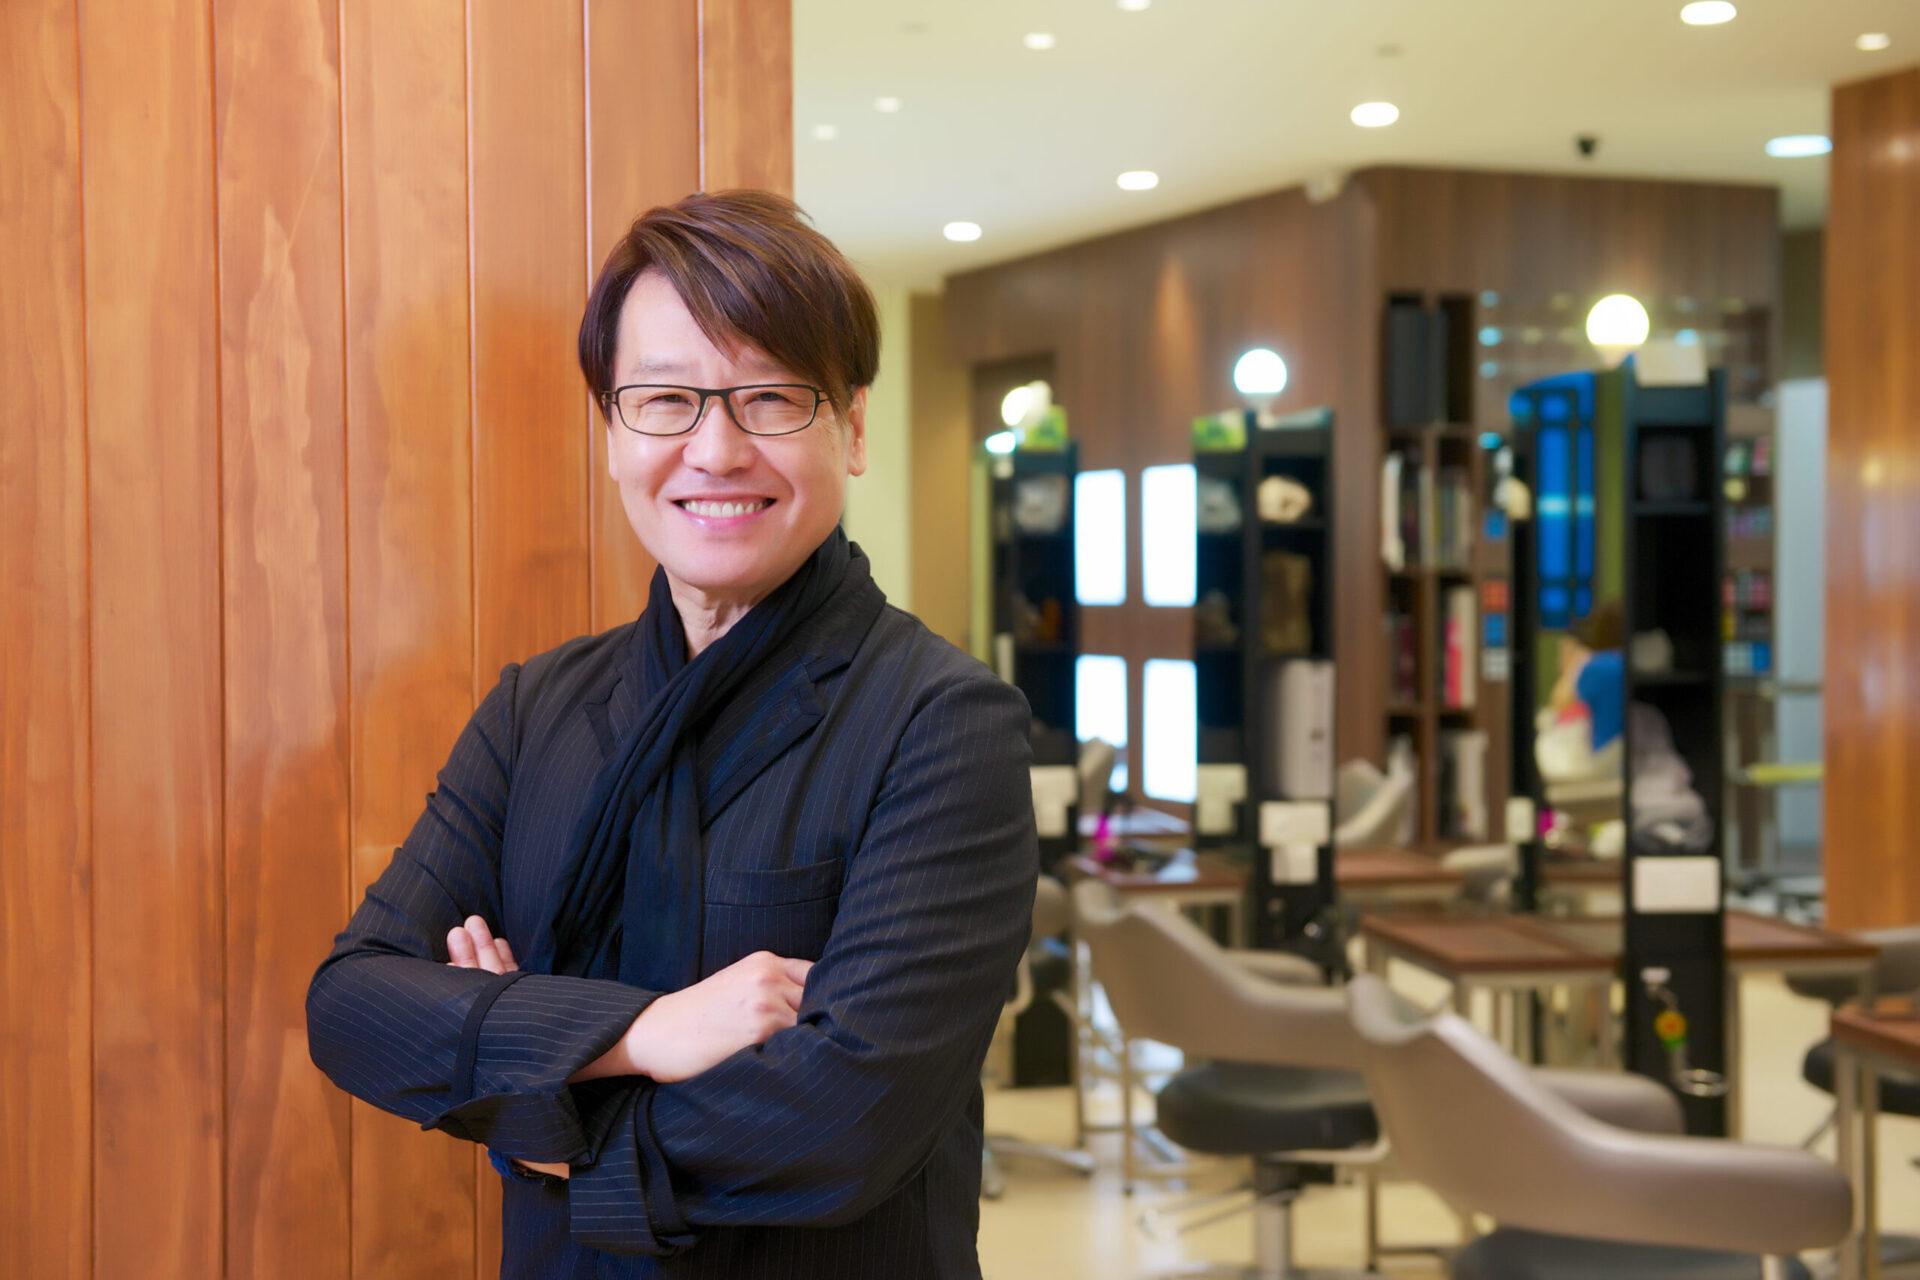 <特別プロモ有り!>シンガポールの日系美容の先駆者で最高峰。Shunji Matsuo創業者の故松尾俊二氏。〜シンガポールの気になる人File.1〜